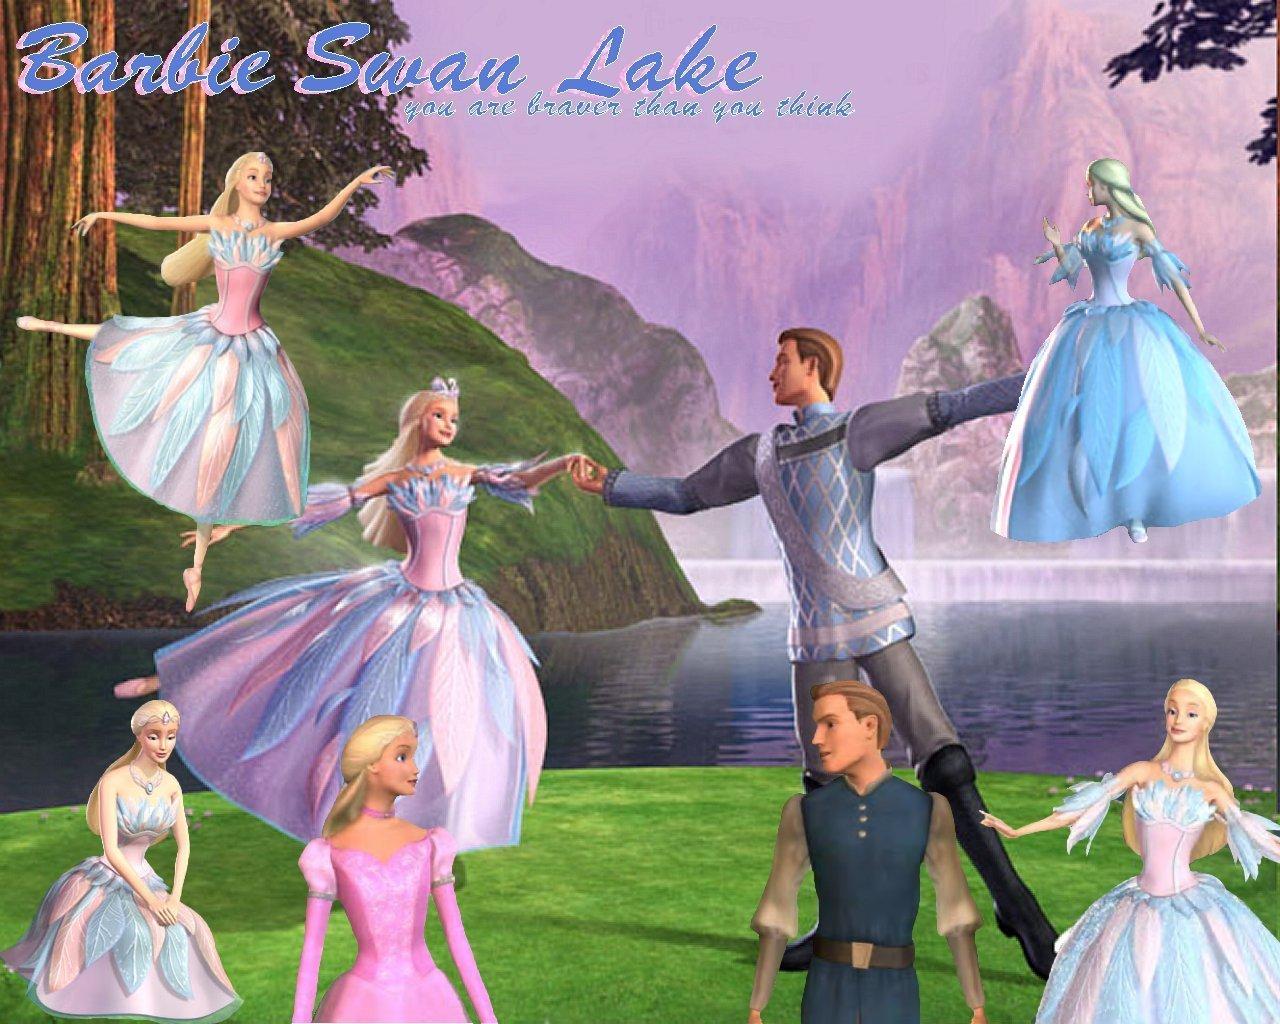 Barbie of Swan Lake subtitles | 11 subtitles